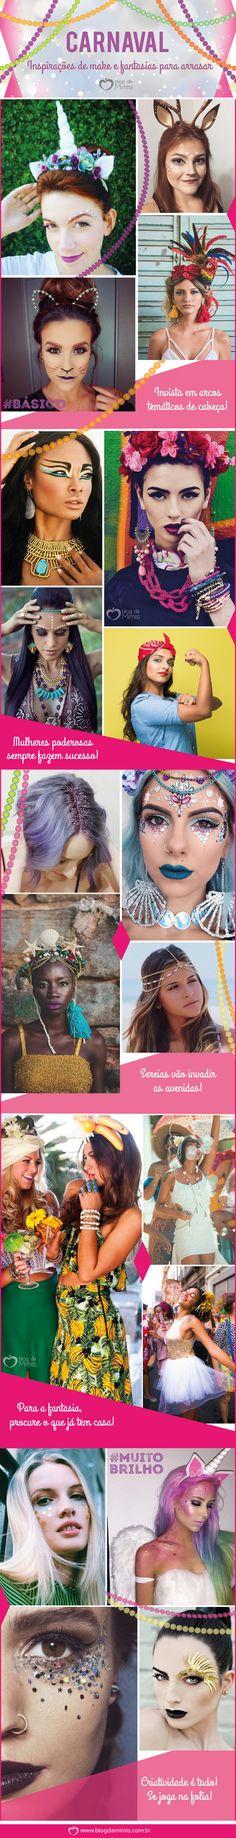 Carnaval: inspirações de make e fantasias para arrasar - Blog da Mimis #mimis #carnaval #fantasia #maquiagem #make #glitter #acessórios #folia